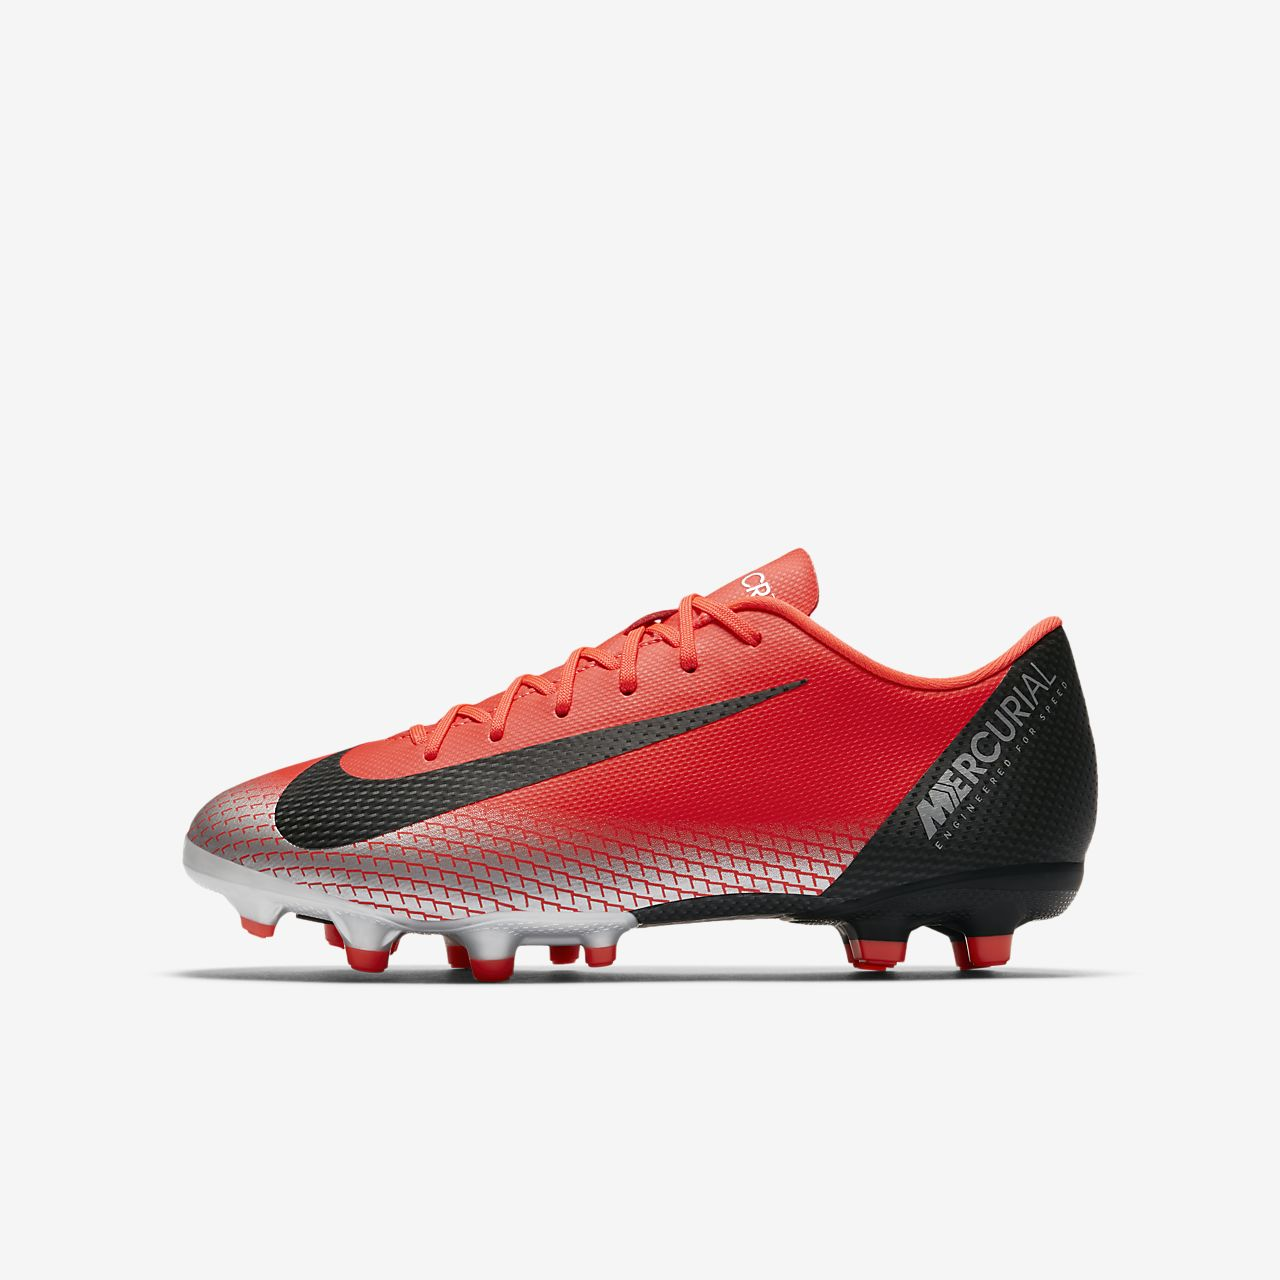 separation shoes af517 188be ... Nike Jr. Mercurial Vapor XII Academy CR7 MG Voetbalschoen voor  kleuterskids (meerdere